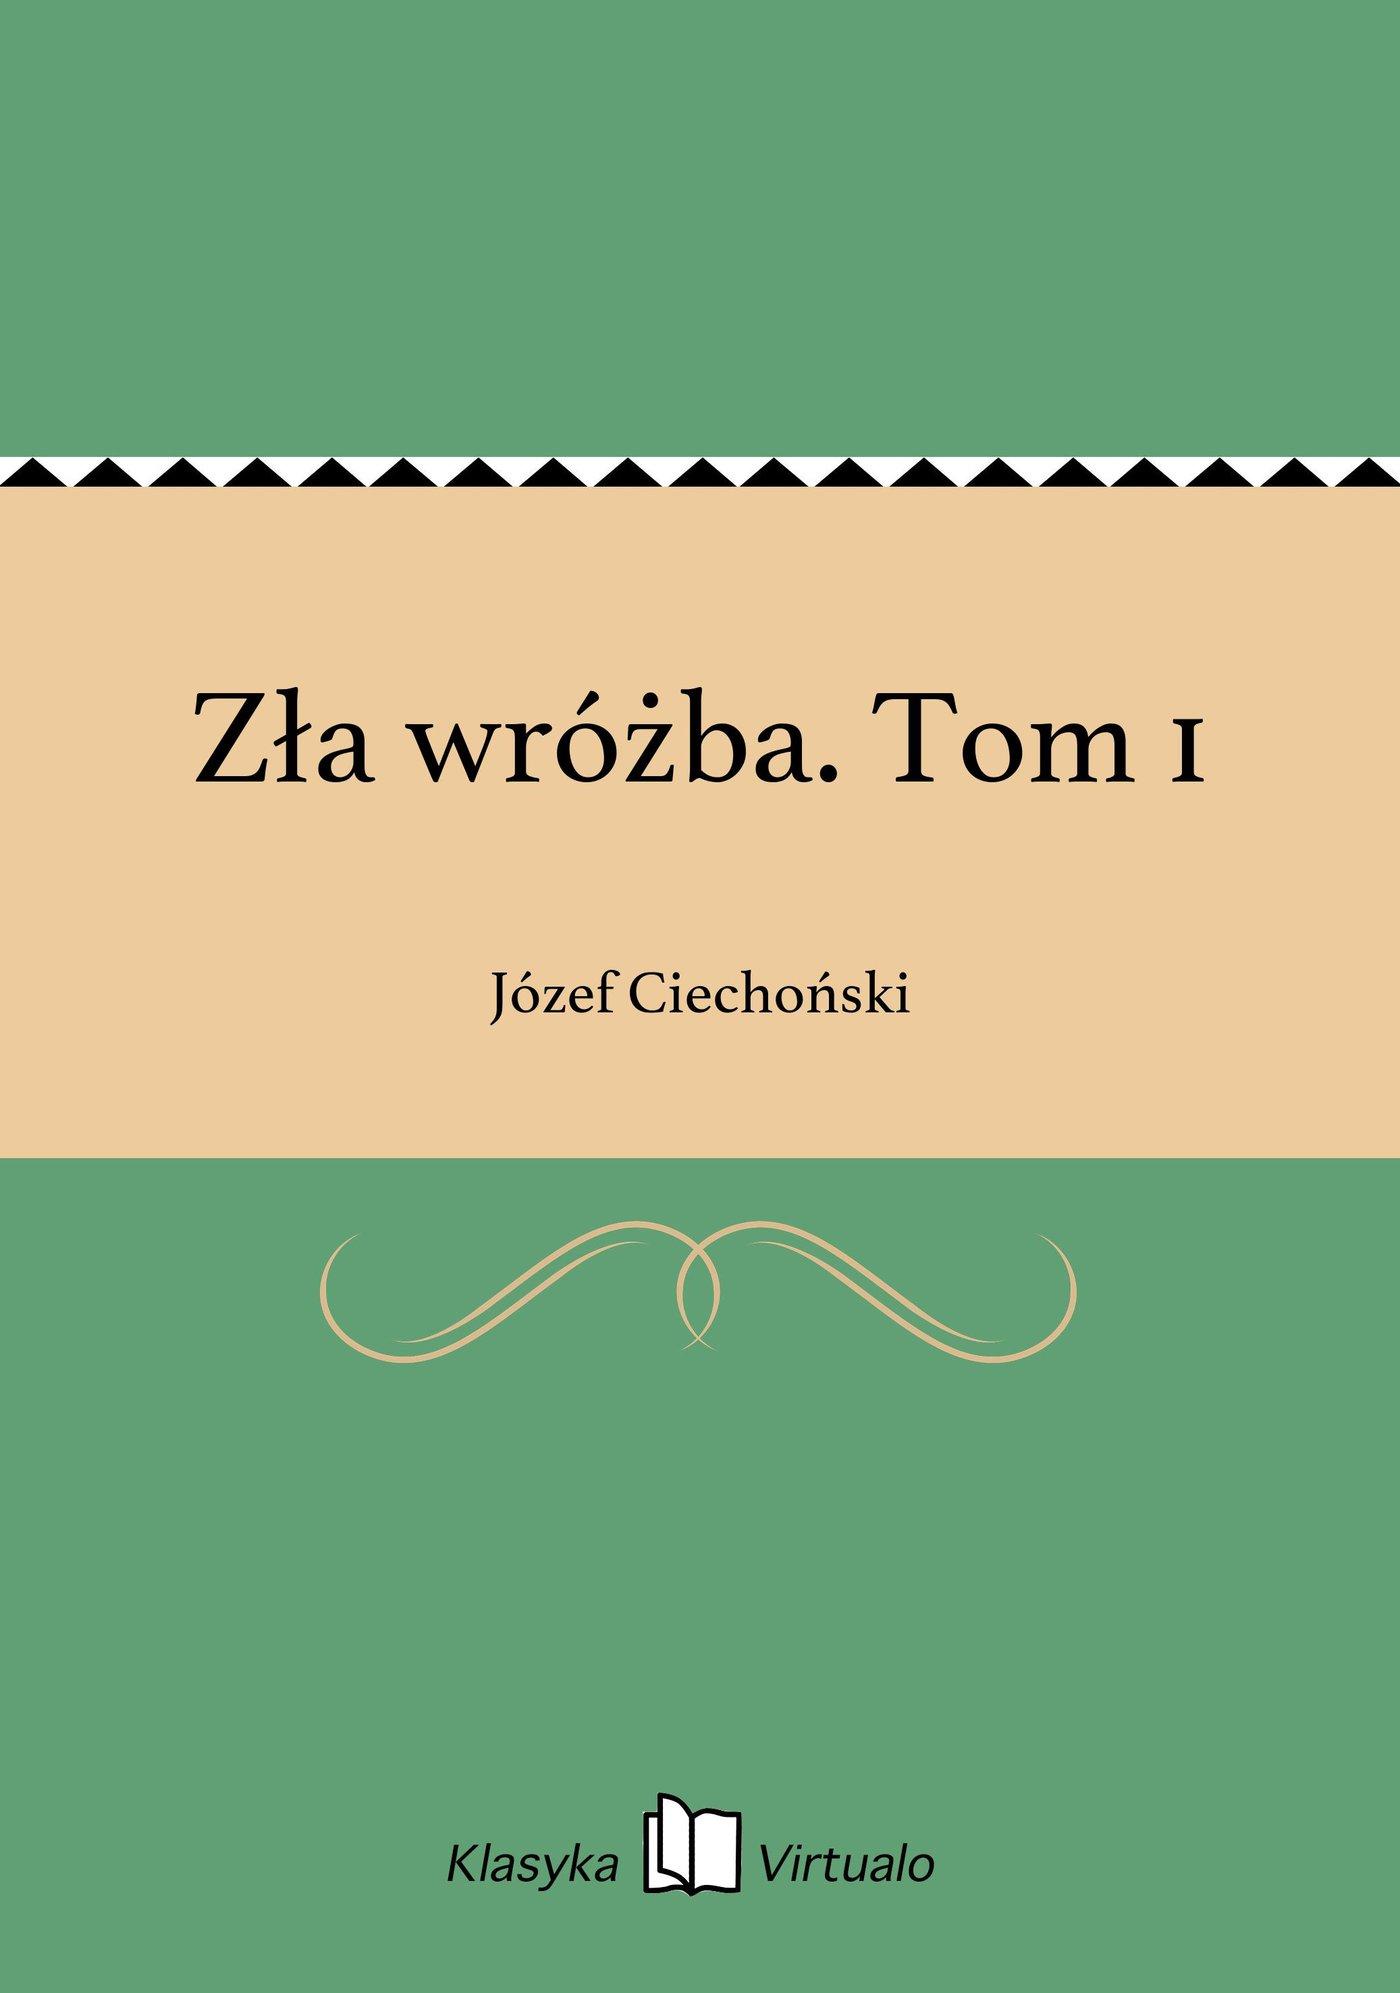 Zła wróżba. Tom 1 - Ebook (Książka EPUB) do pobrania w formacie EPUB